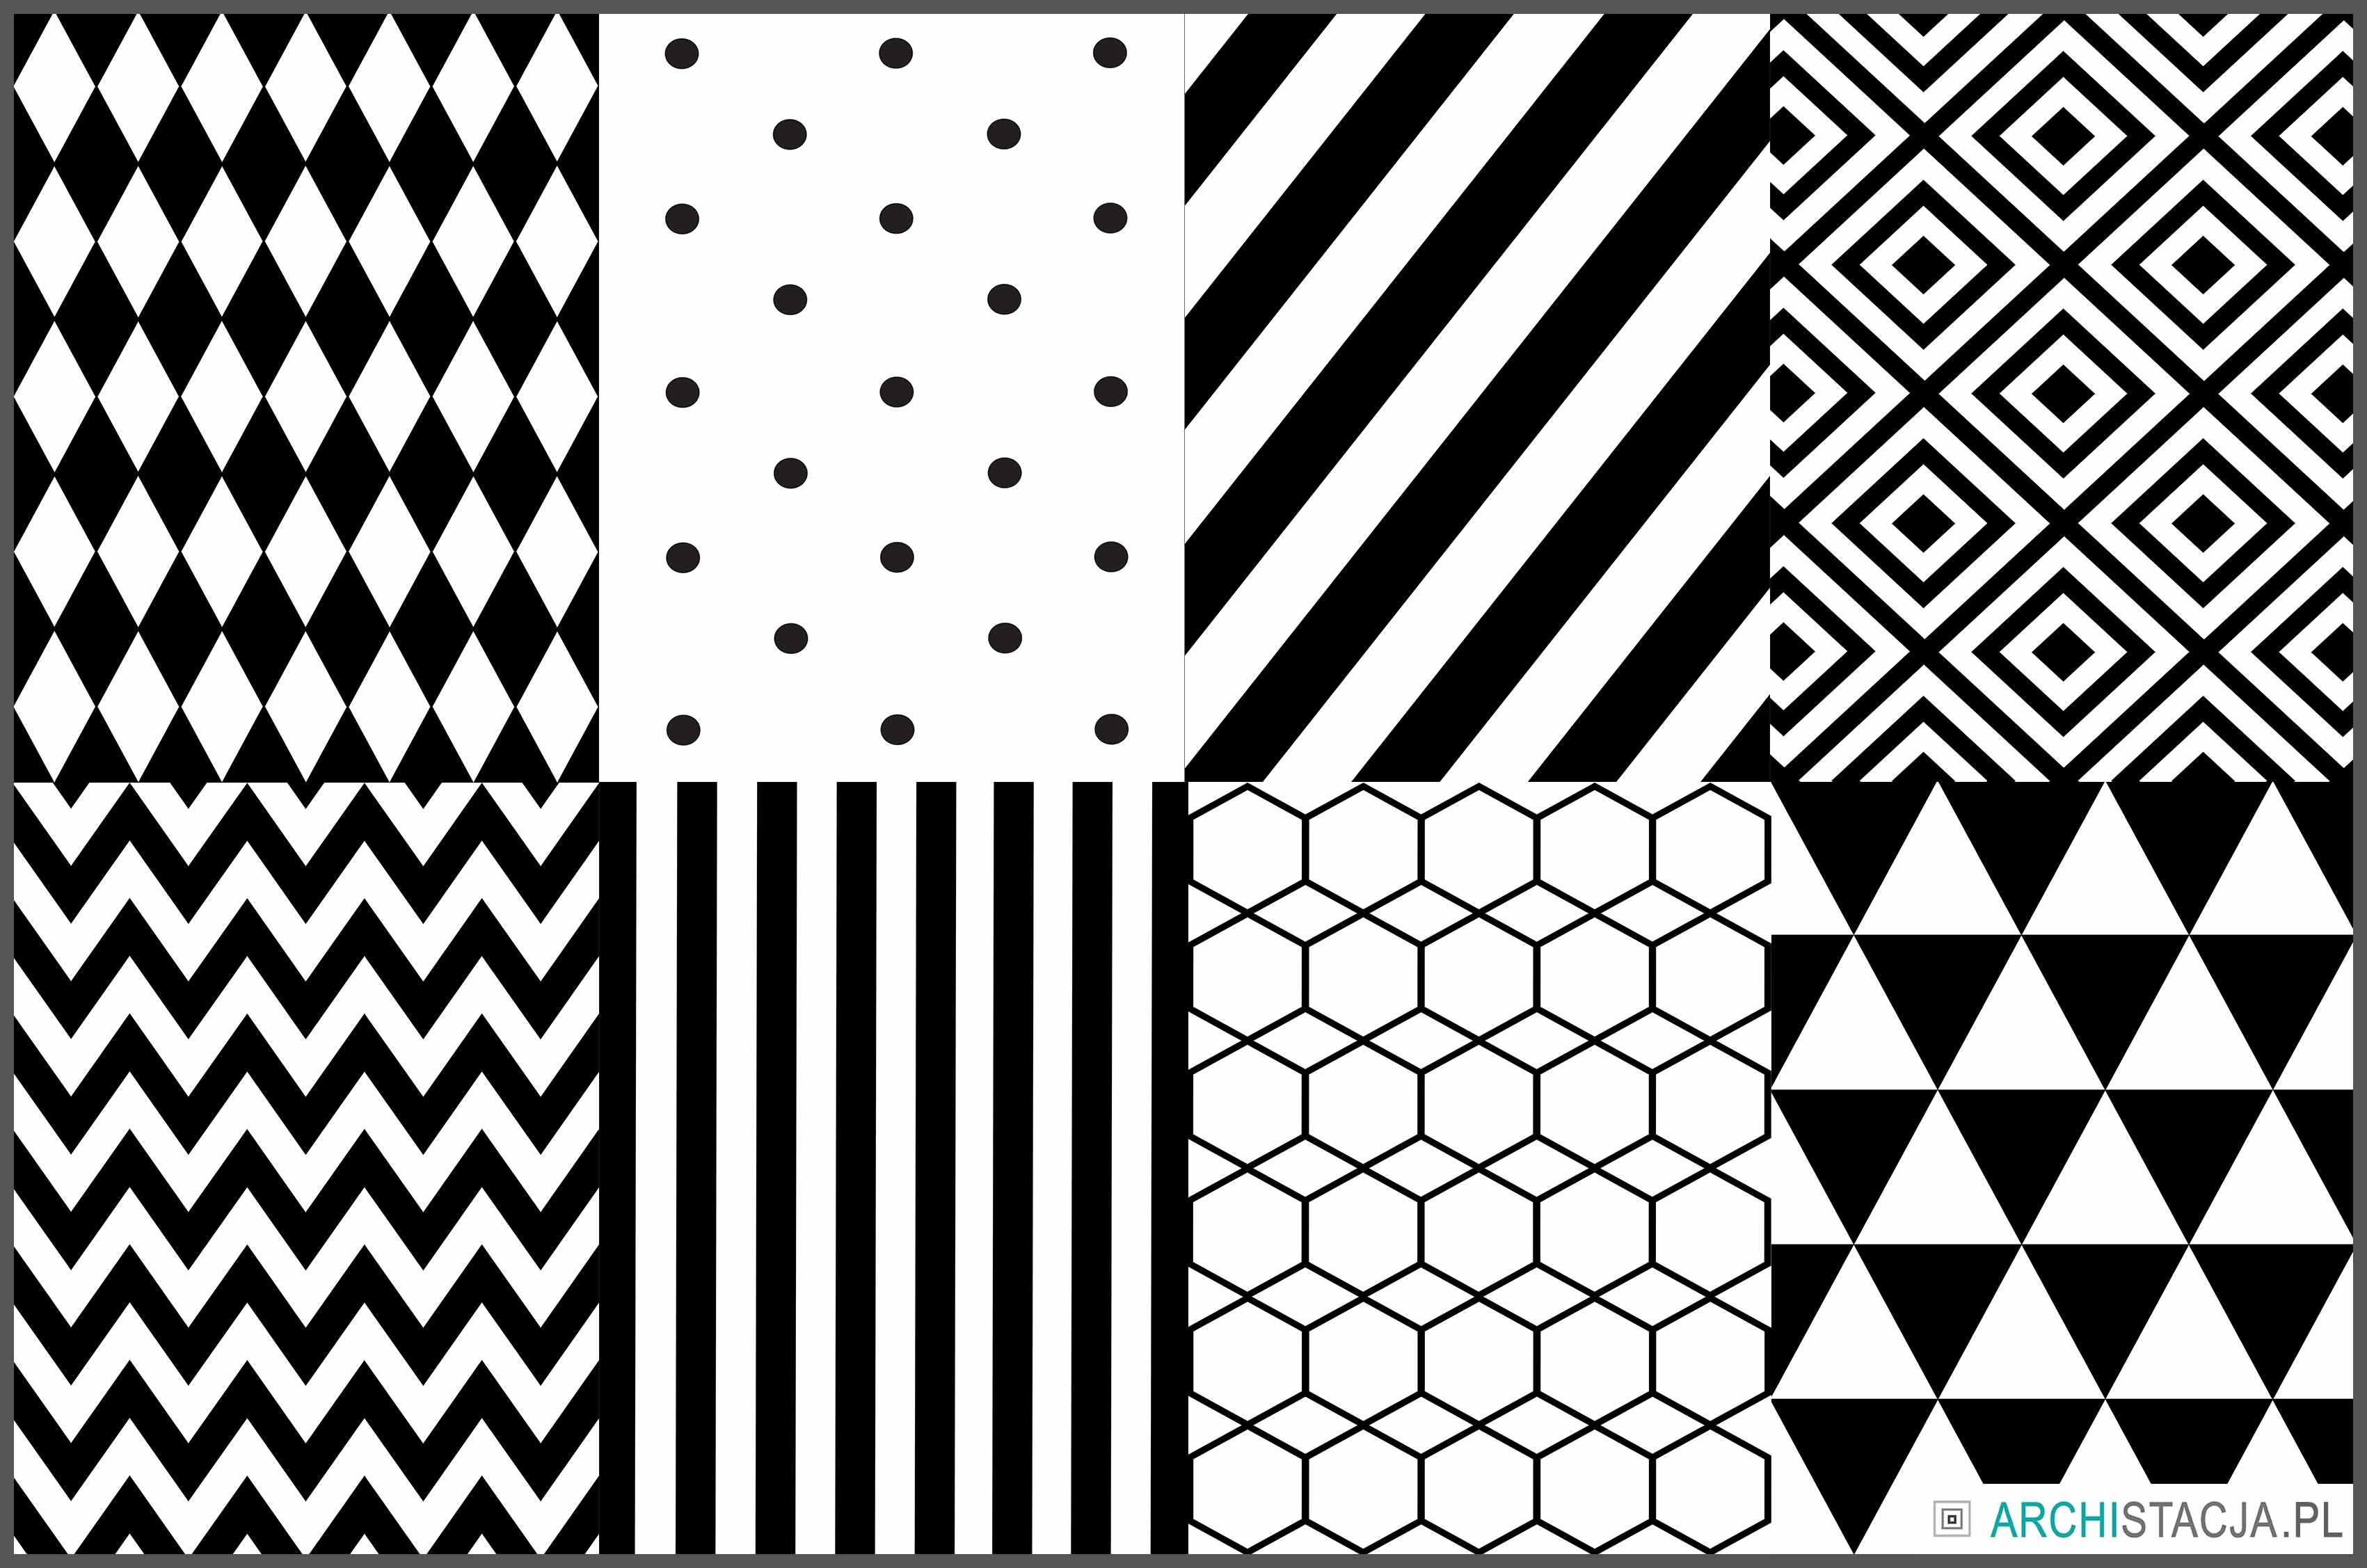 grafiki czarno białe